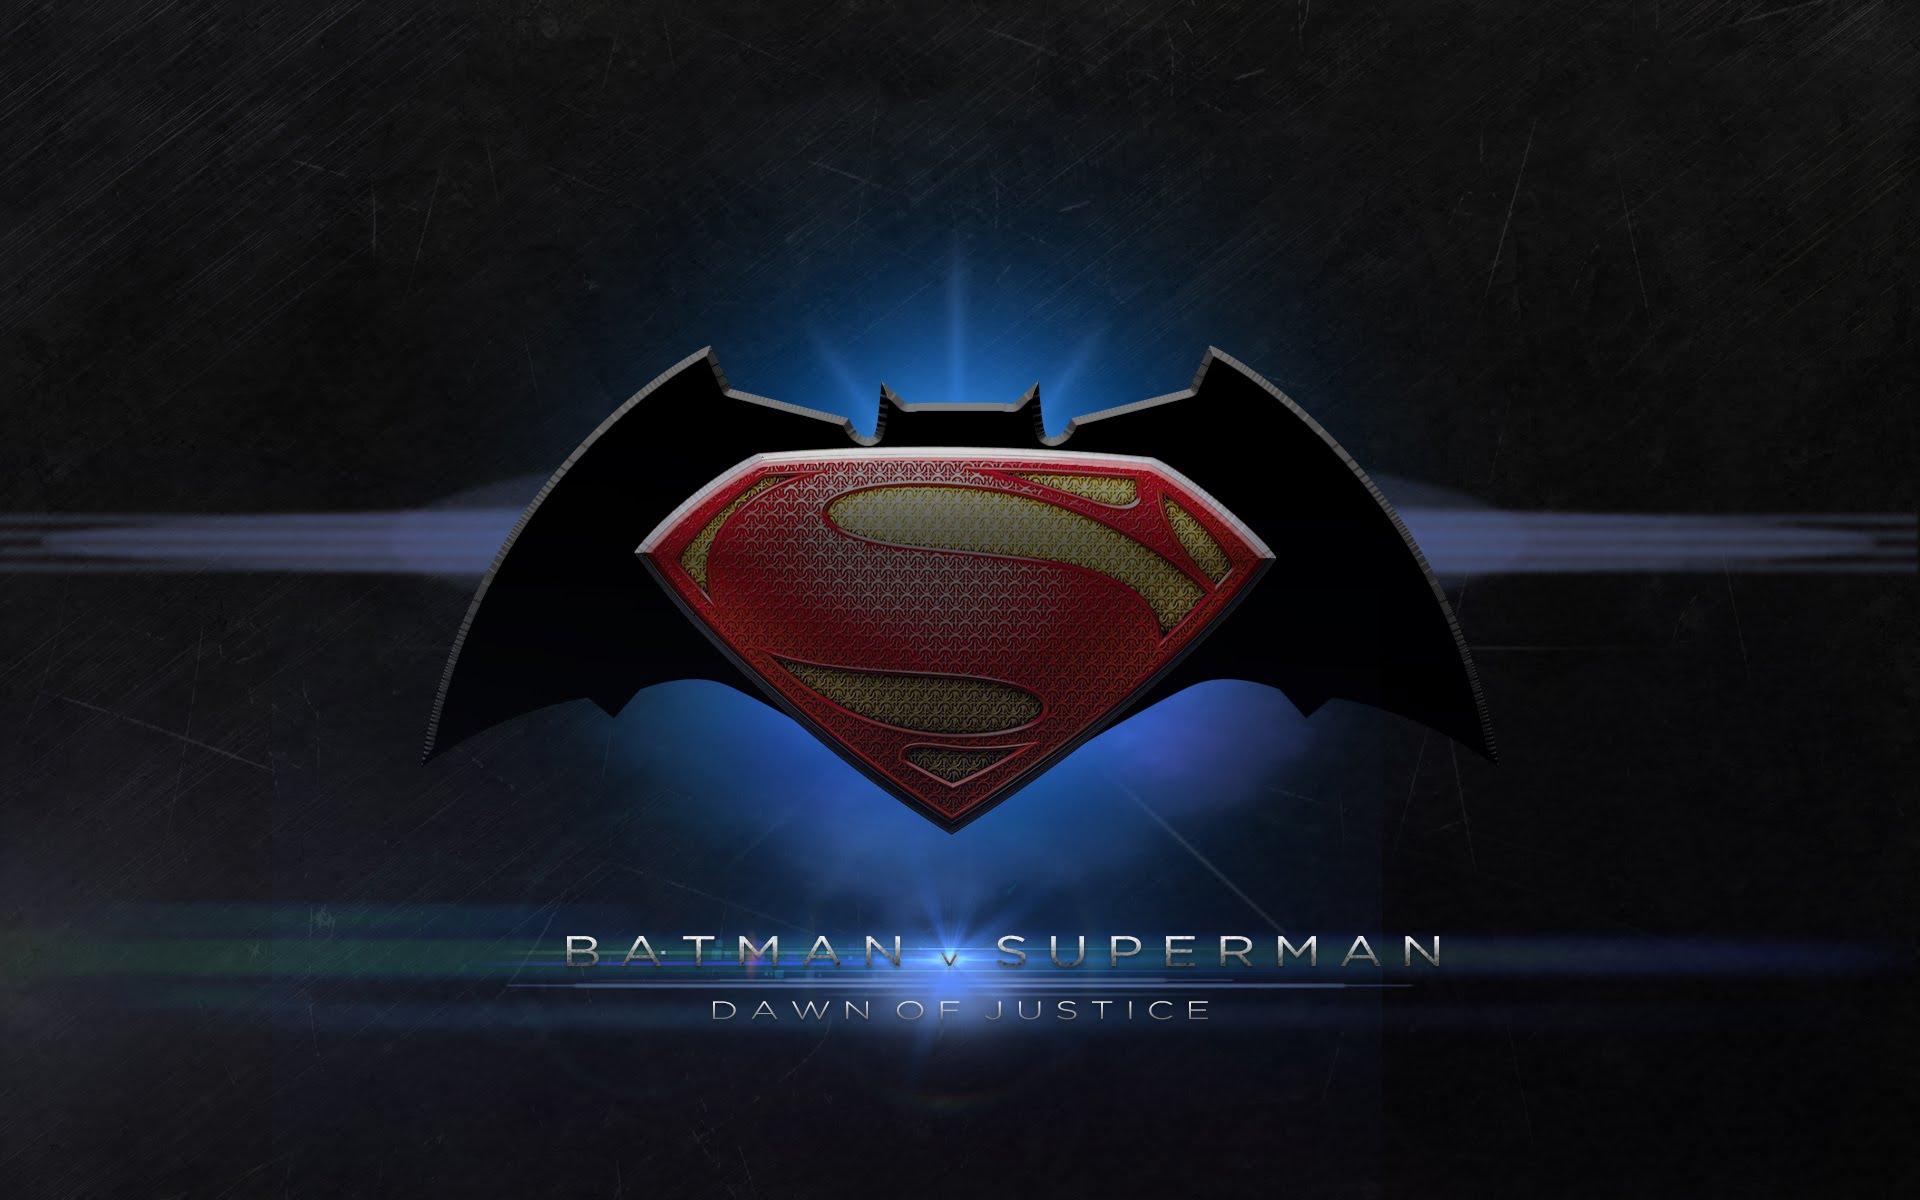 Batman V Superman Logo HD Wallpaper